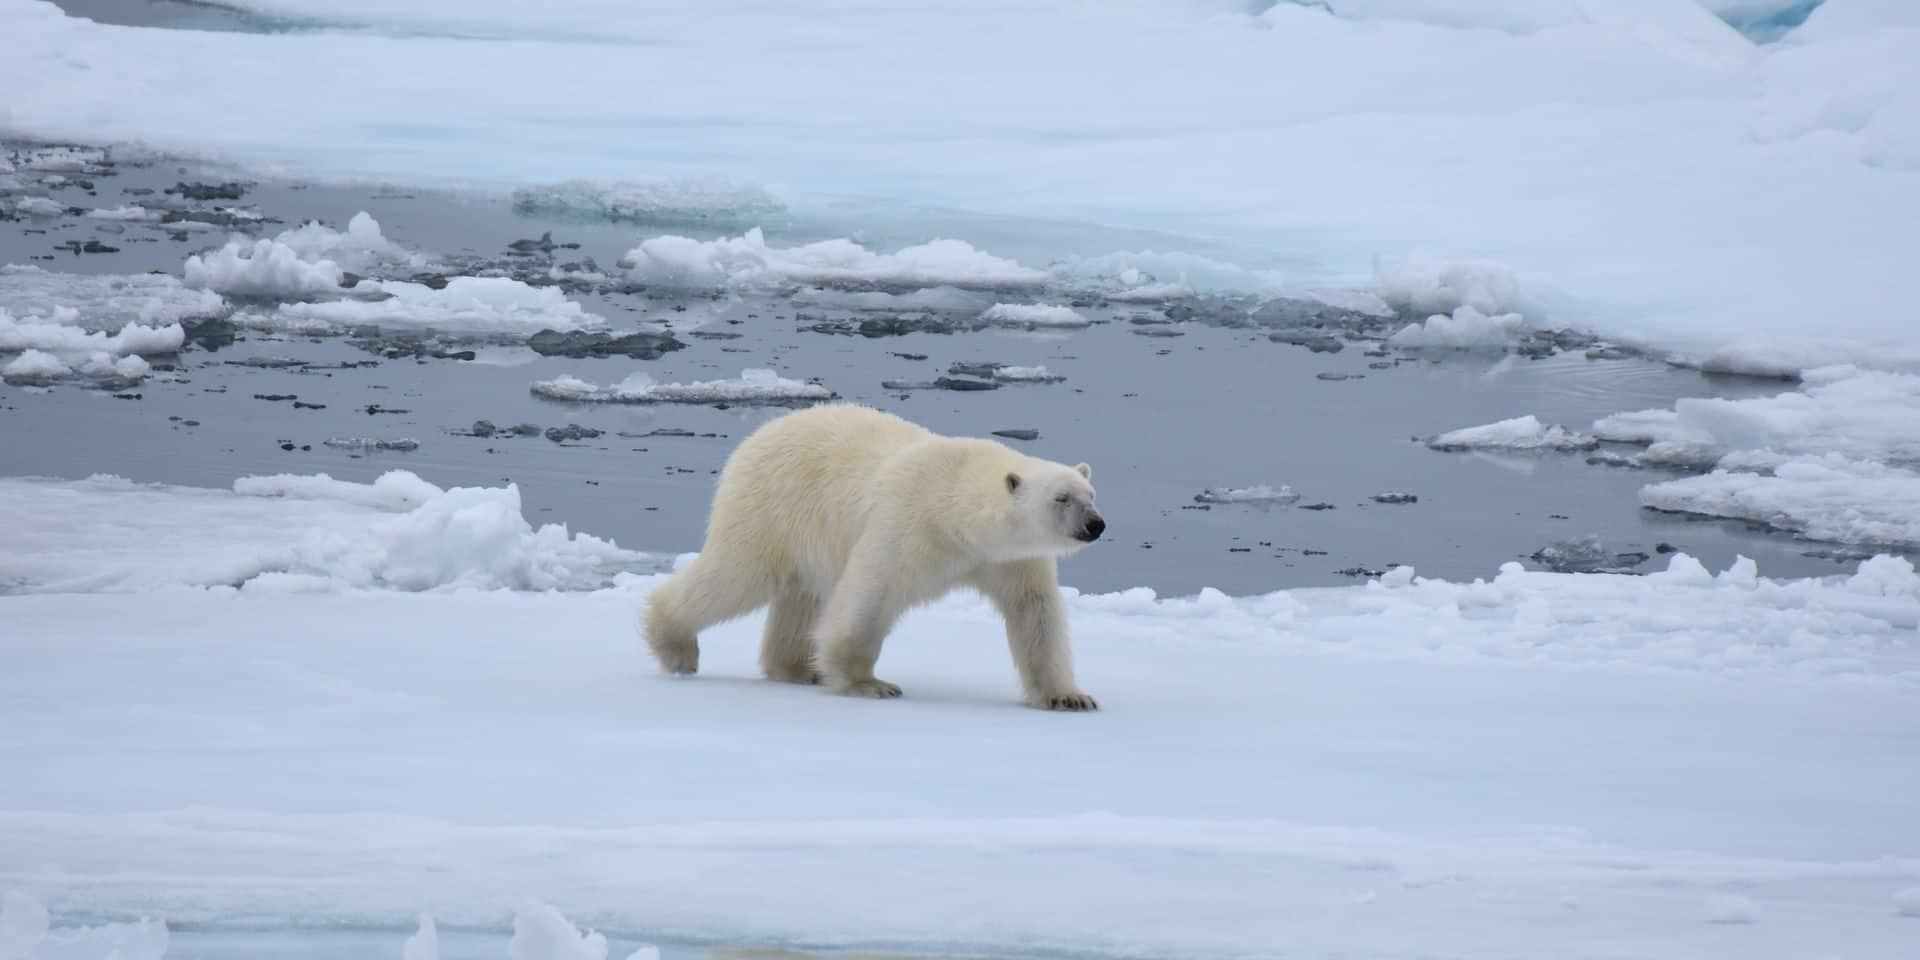 Une étude prévoit l'extinction des ours polaires d'ici 2100